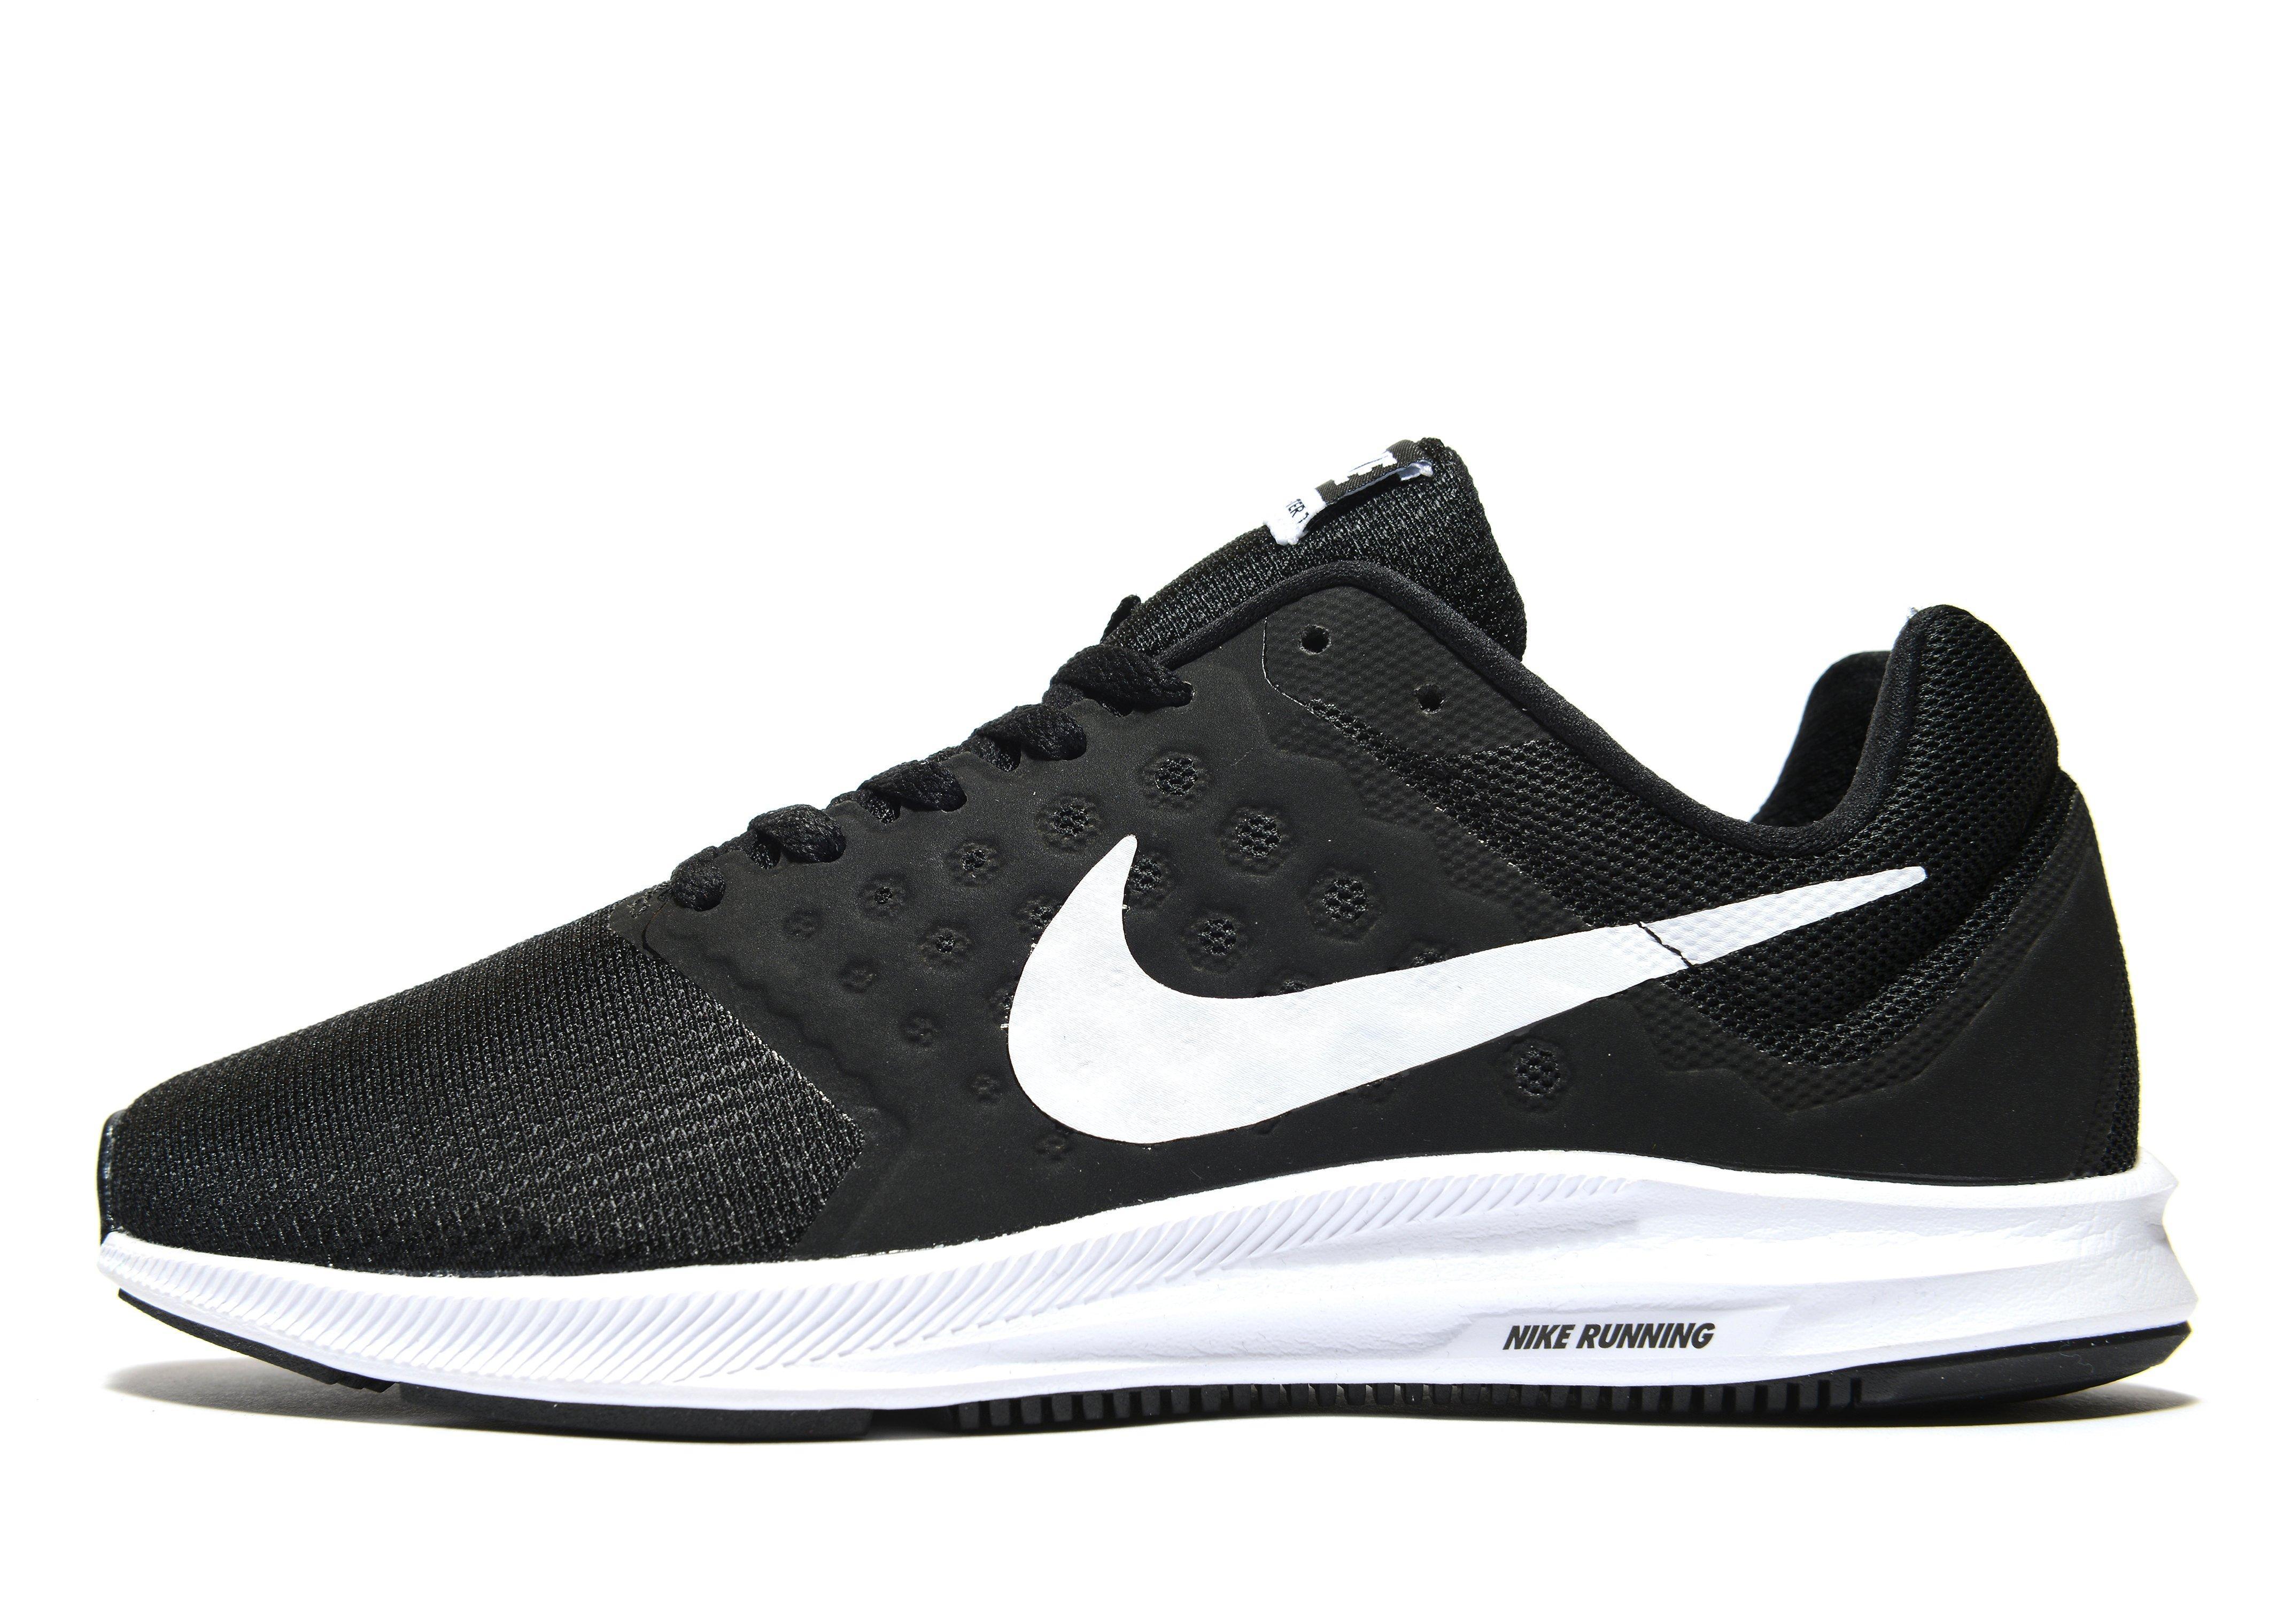 Nike Maroon Running Shoes Price in India- Buy Nike Maroon